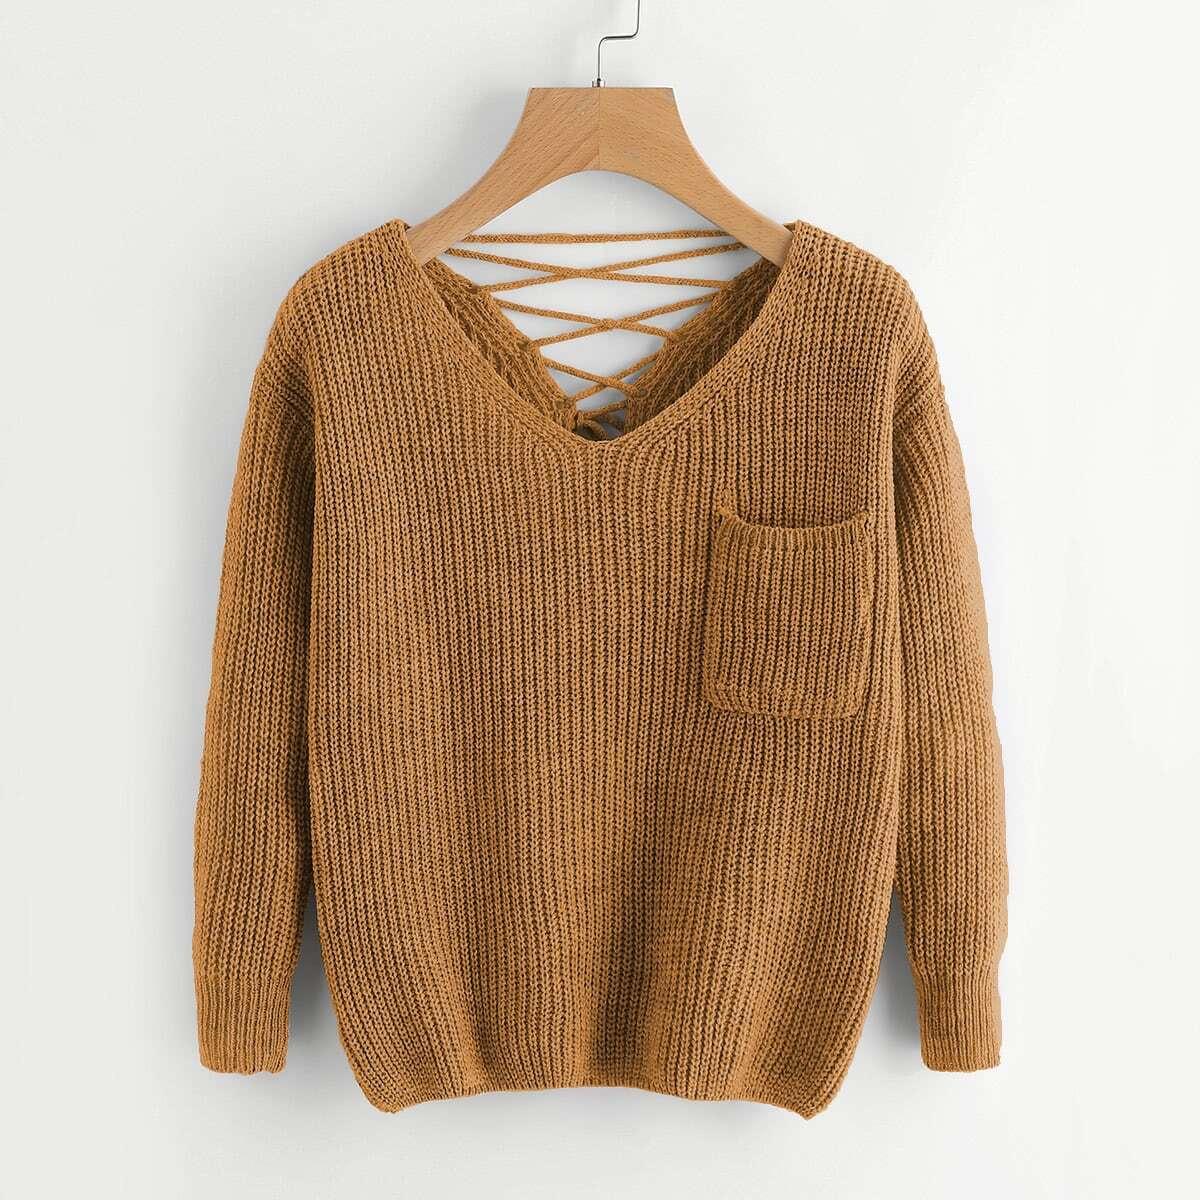 Knitwear met borstzakje